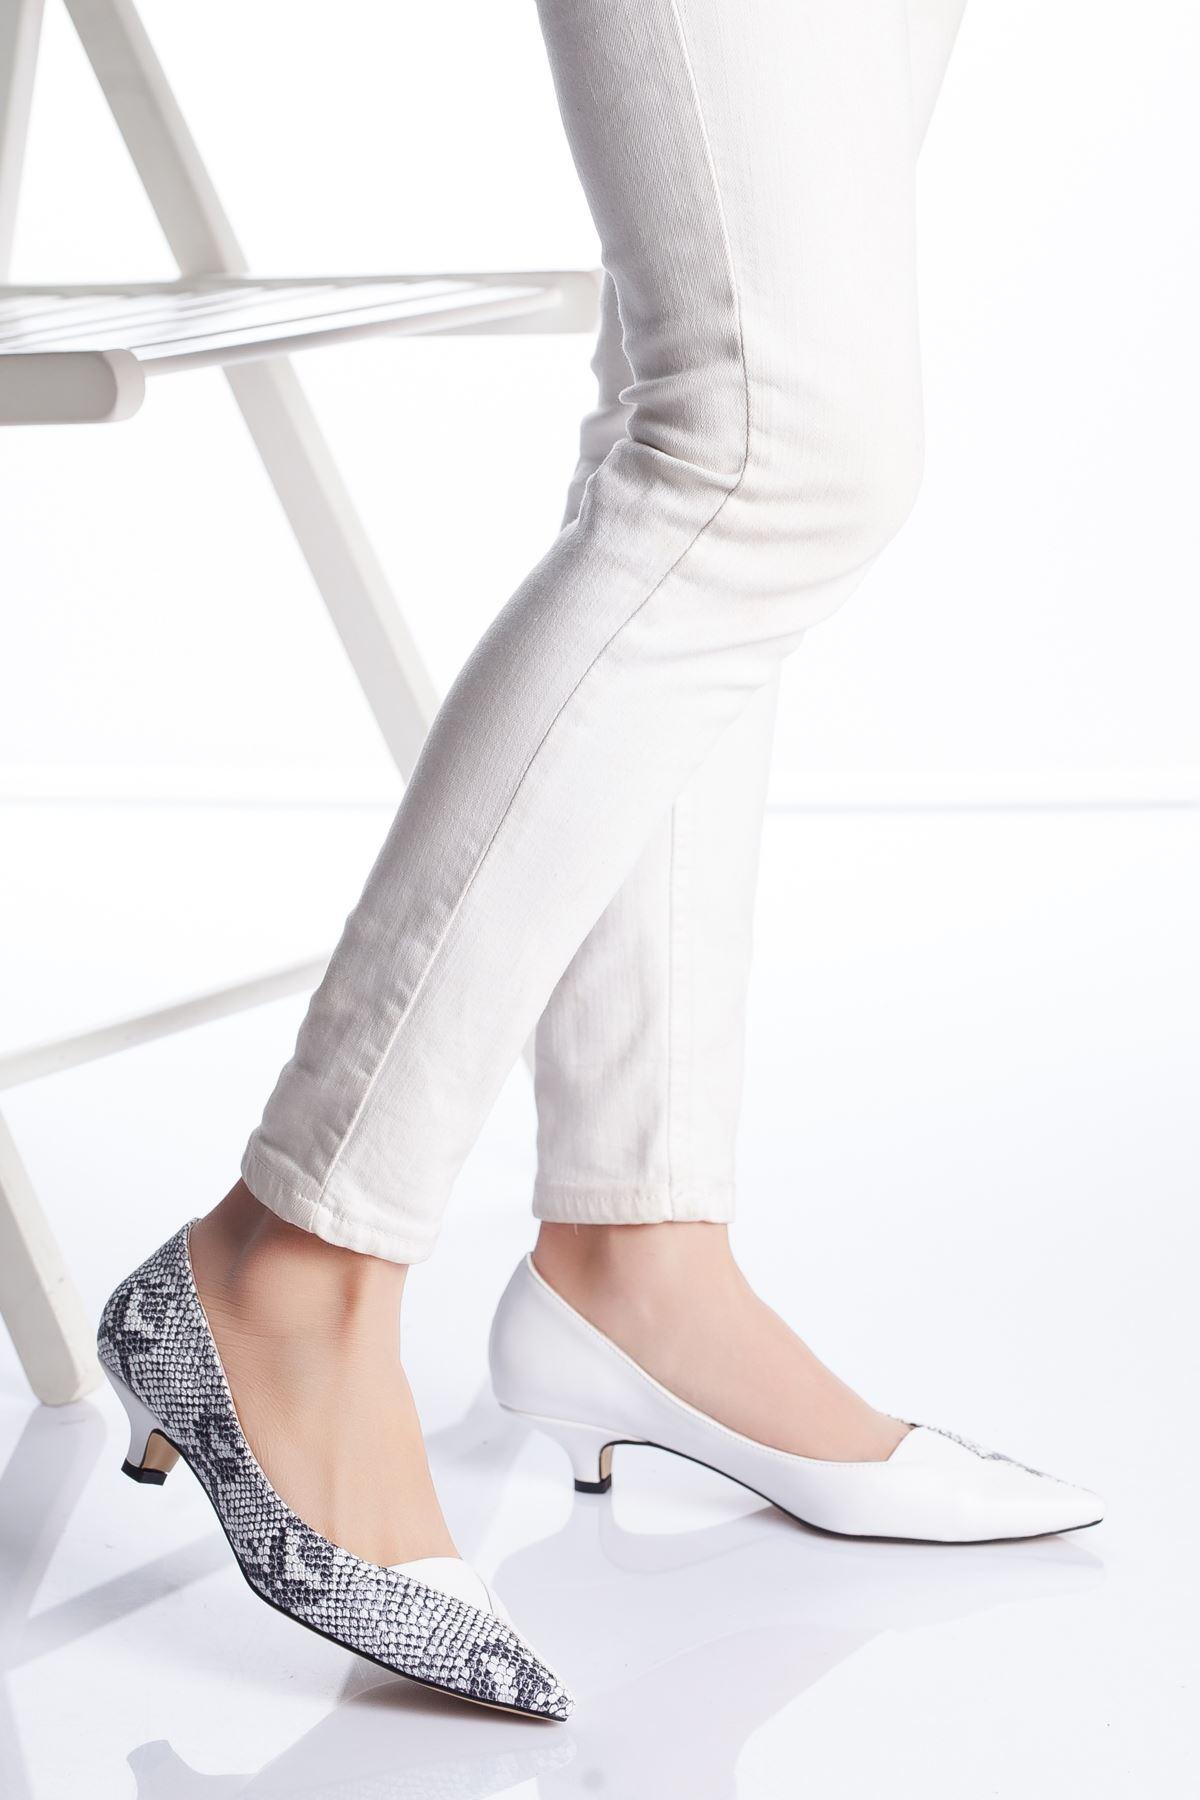 Odella Topuklu Ayakkabı BEYAZ-YILAN